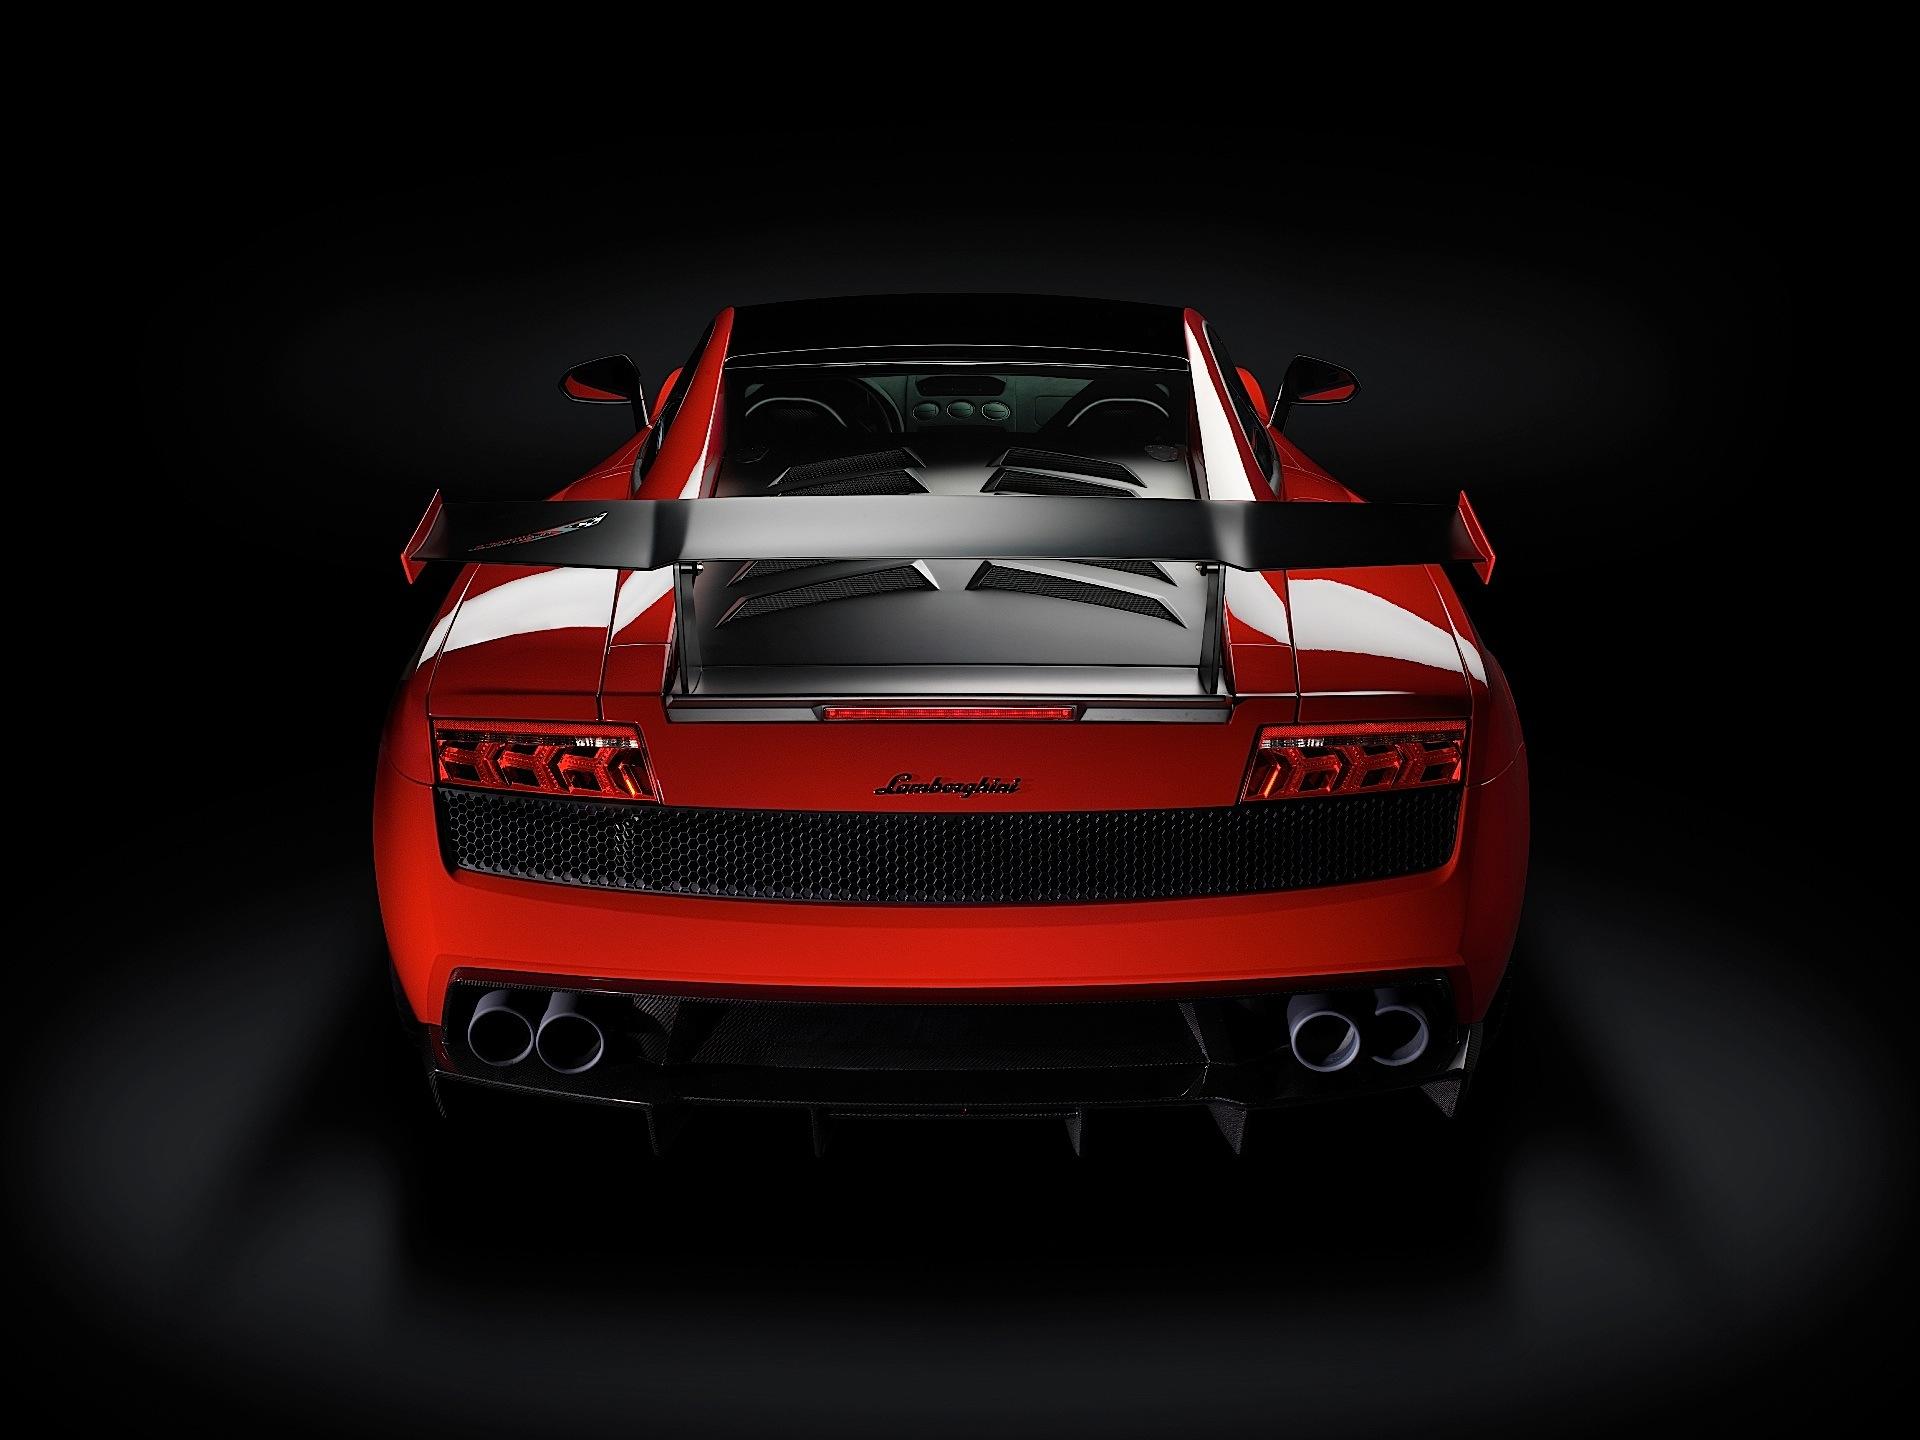 Lamborghini Gallardo Lp 570 4 Super Trofeo Stradale Specs Photos